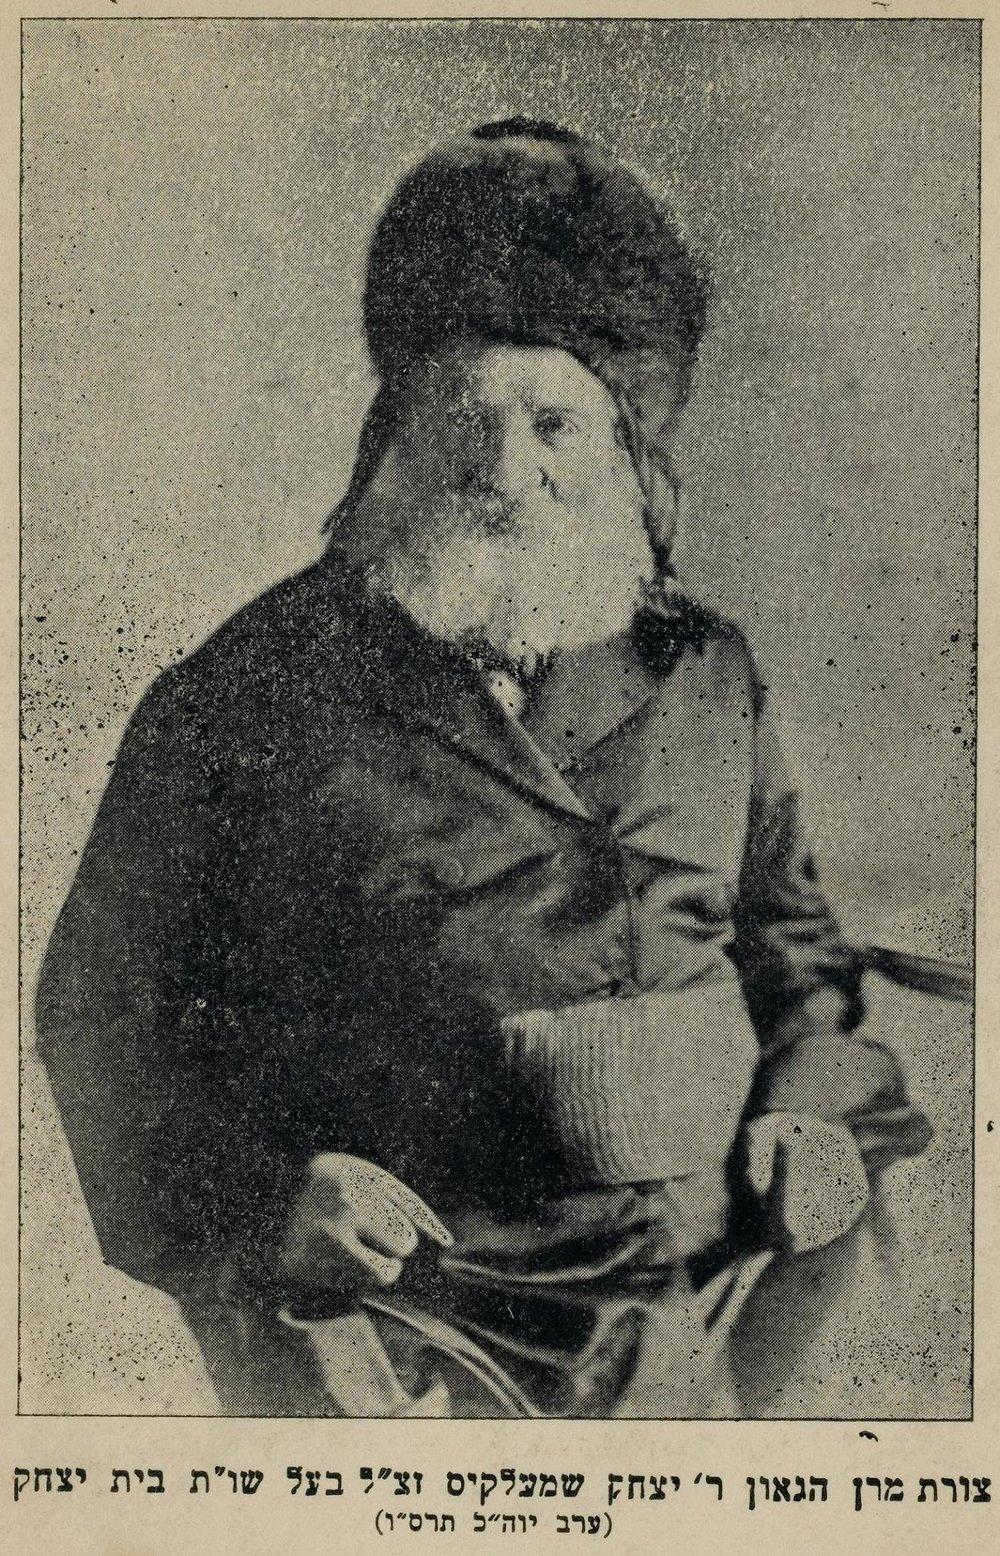 Rabbi_Yitsḥak_Yehudah_Schmelkes.jpg